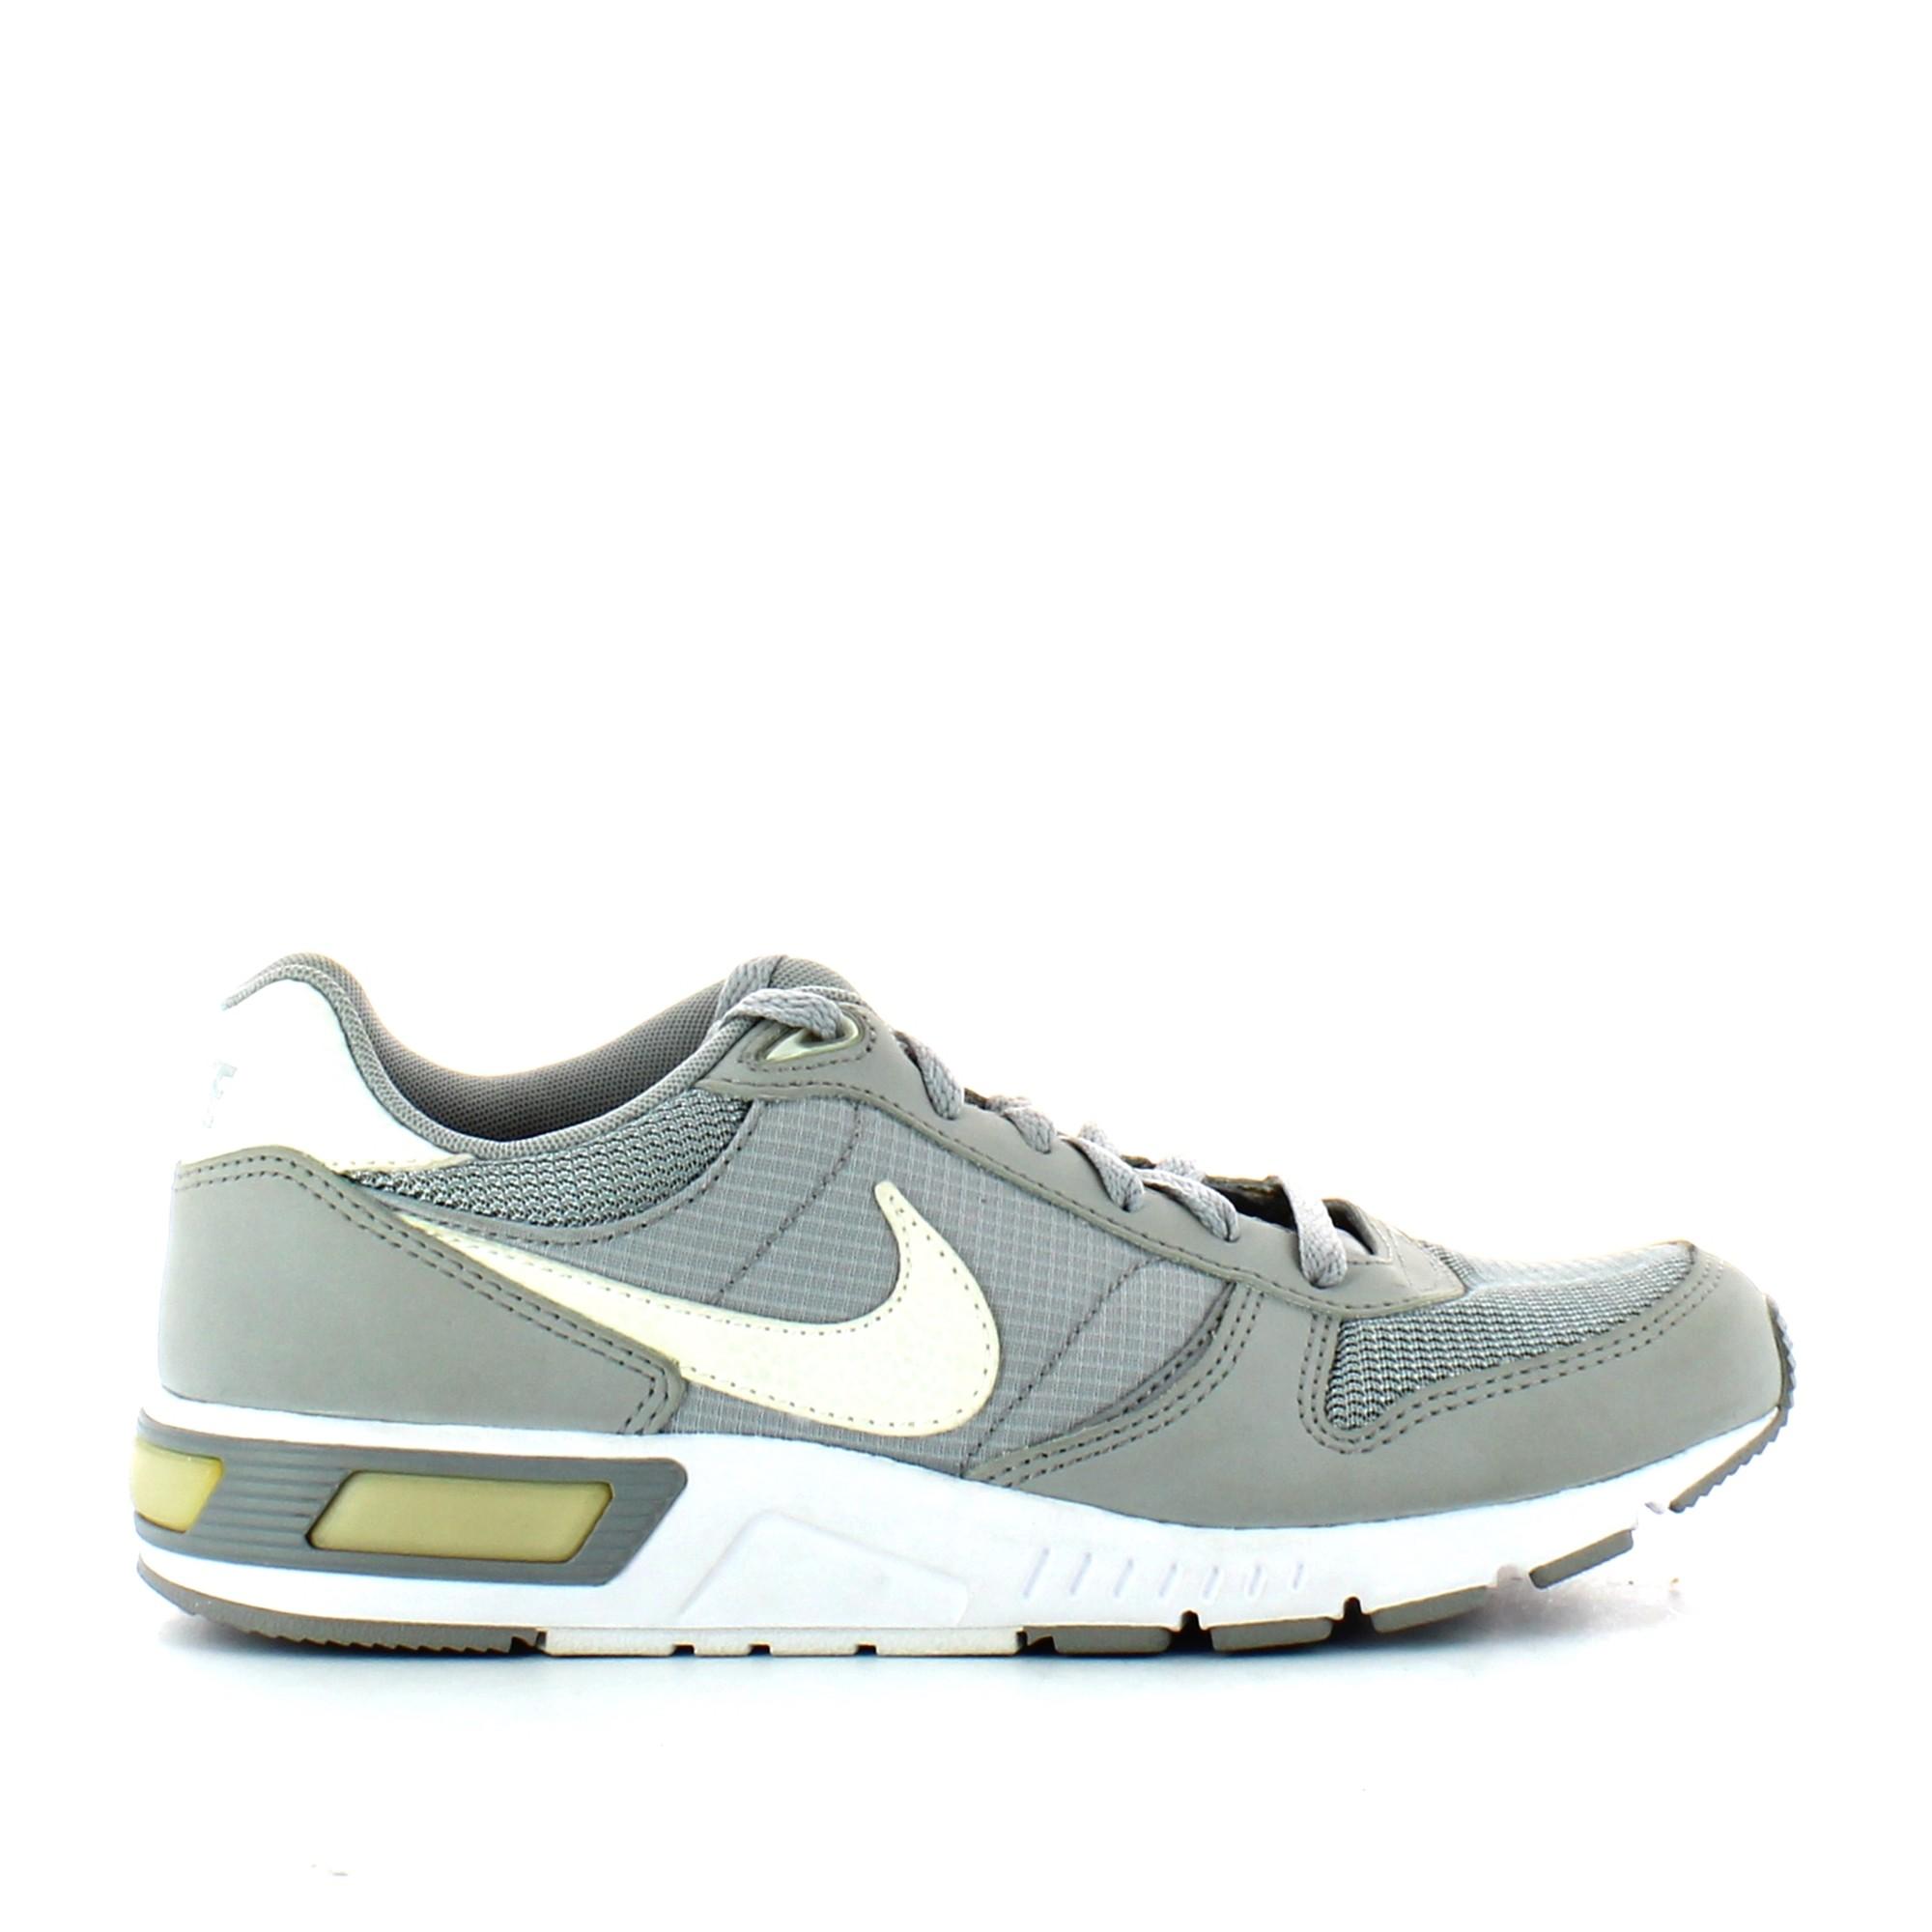 Zapatillas Nike Nightgazer Gris Blanco Hombre Deportes Moya